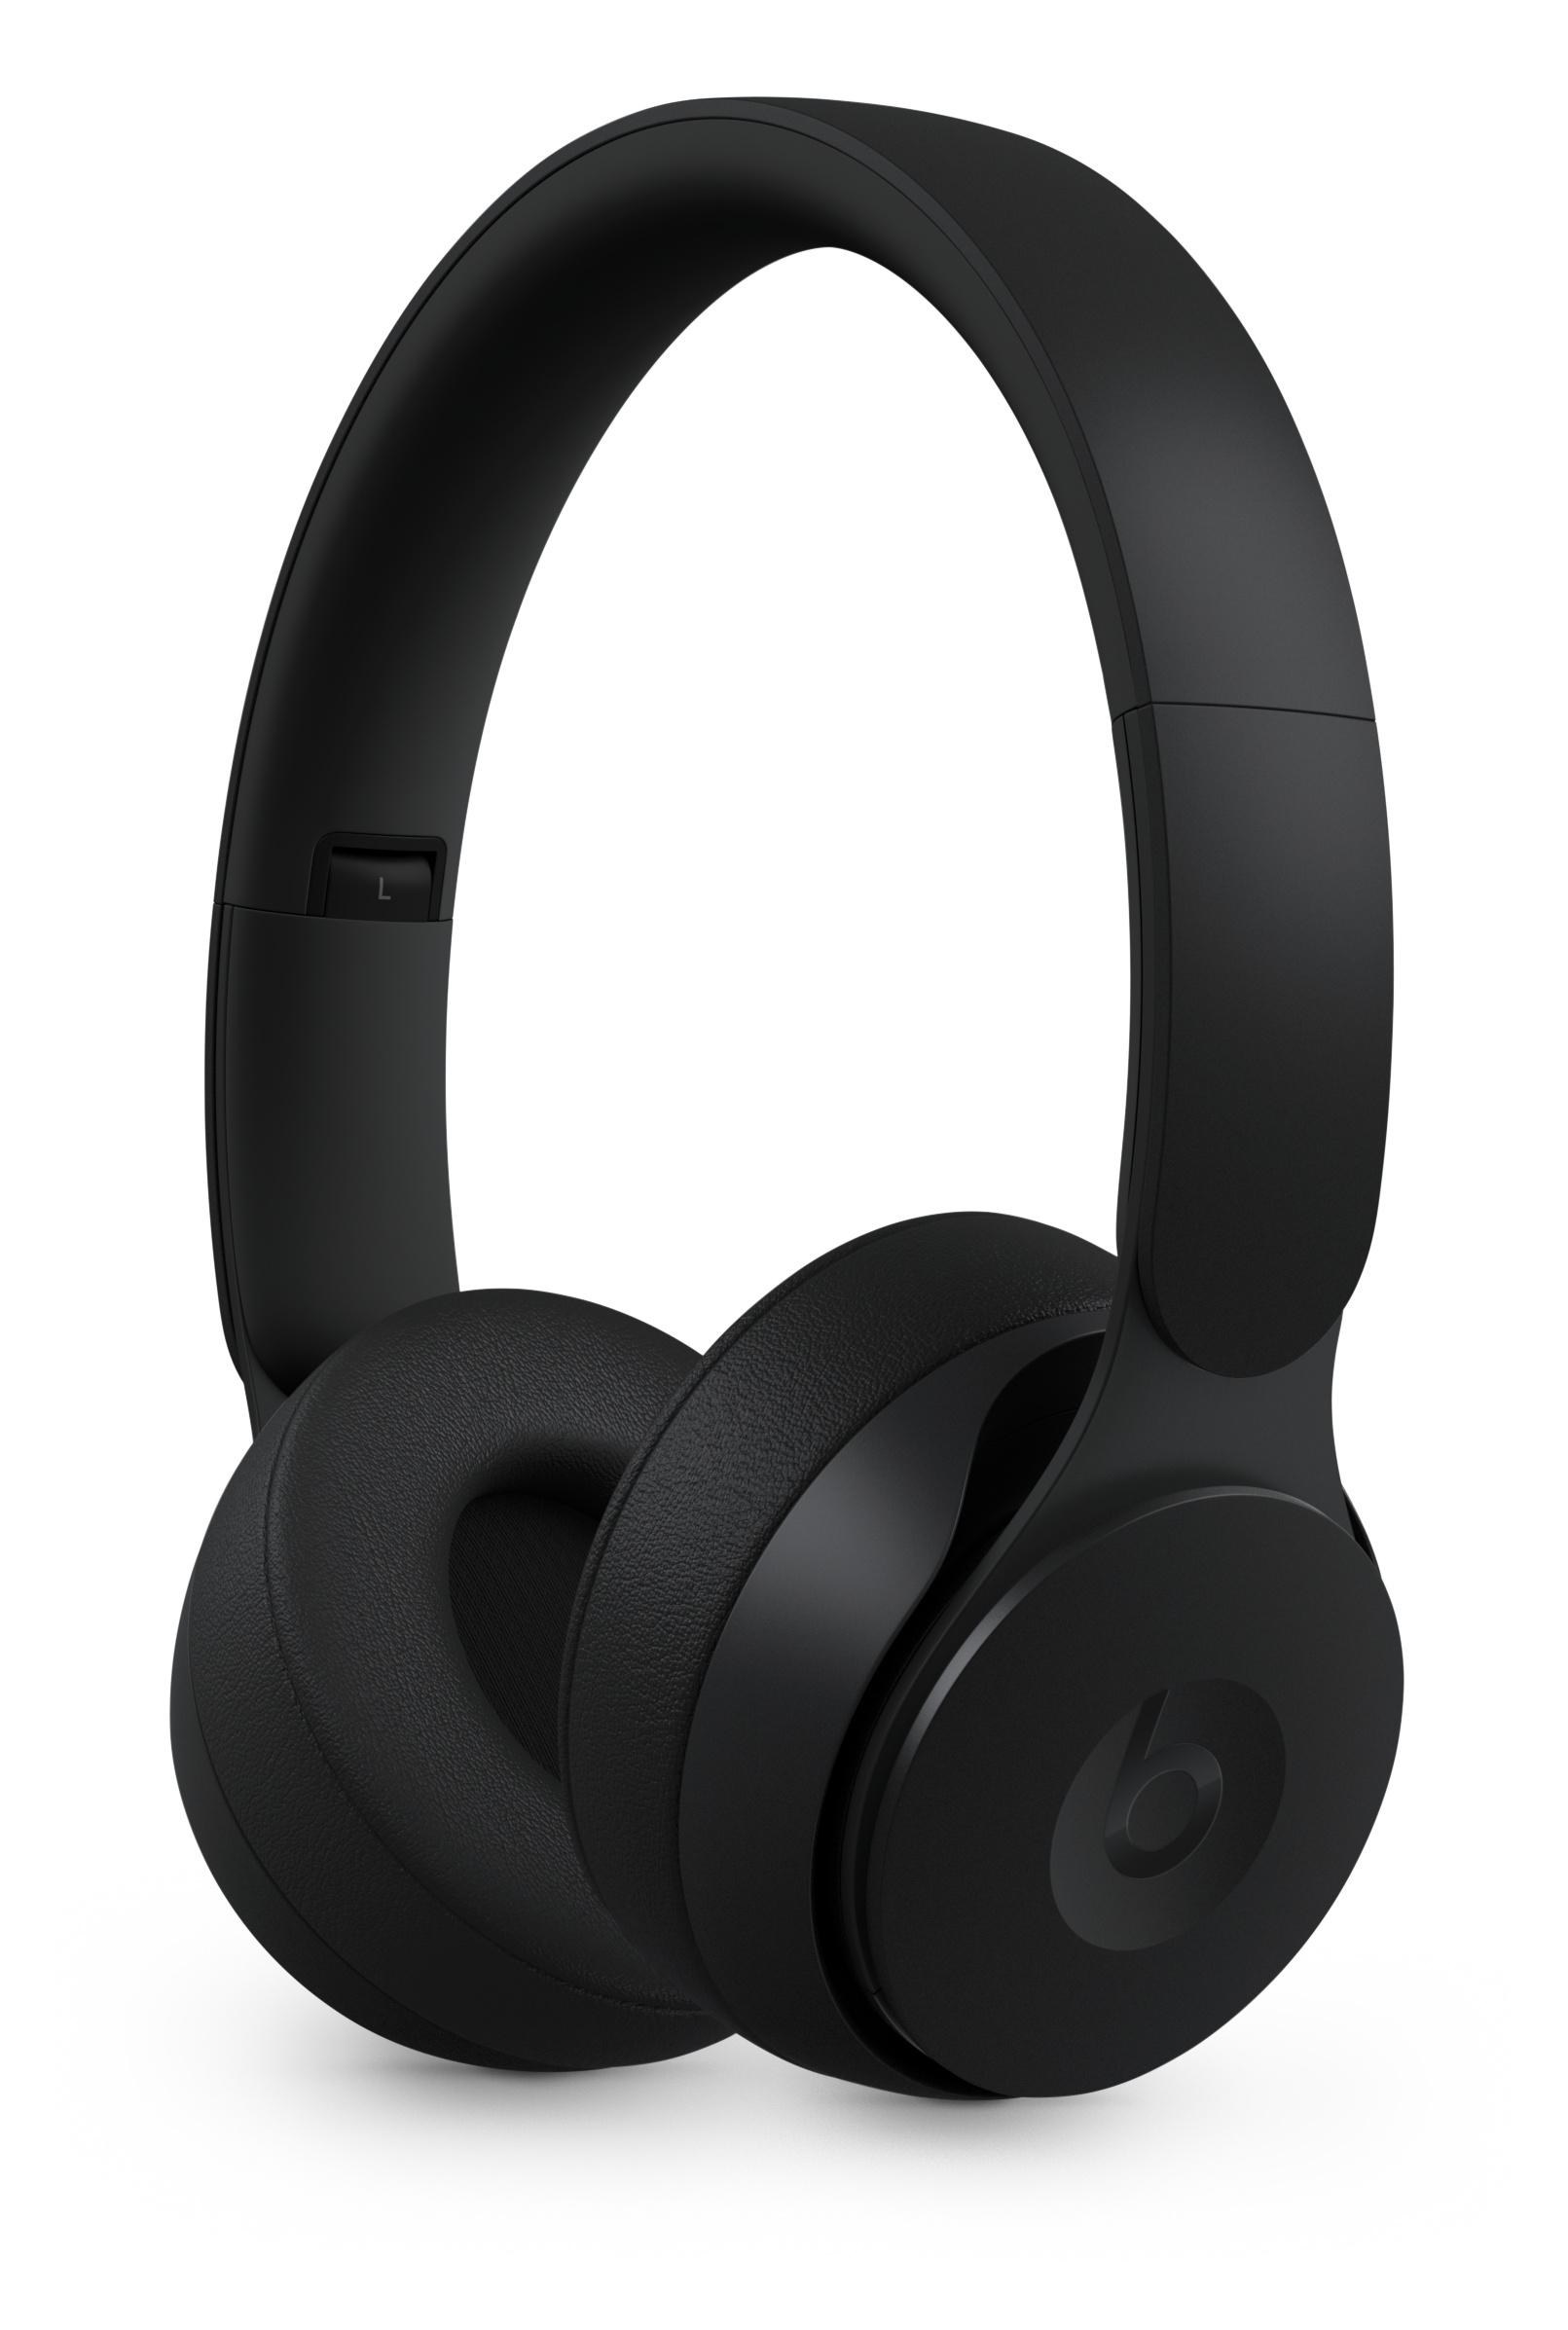 Cuffie Beats Solo Pro wireless con cancellazione del rumore Nero